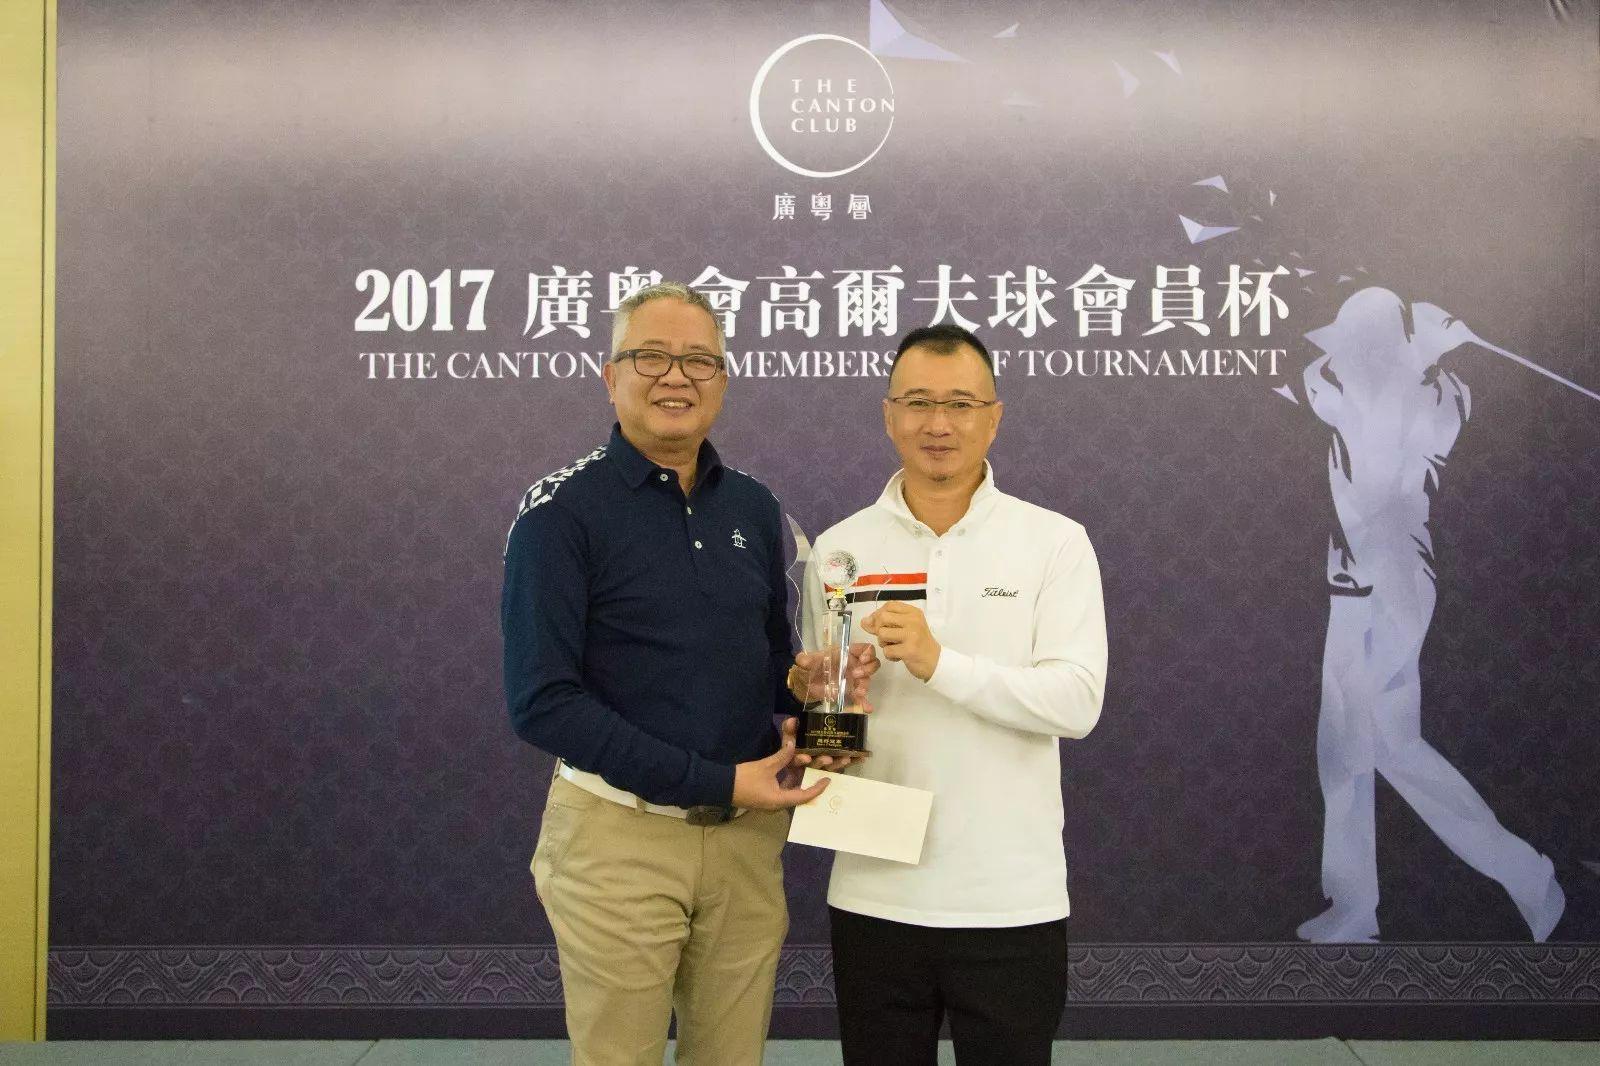 黄春华的个人简历 - 大泉州人才网 QzRc.com